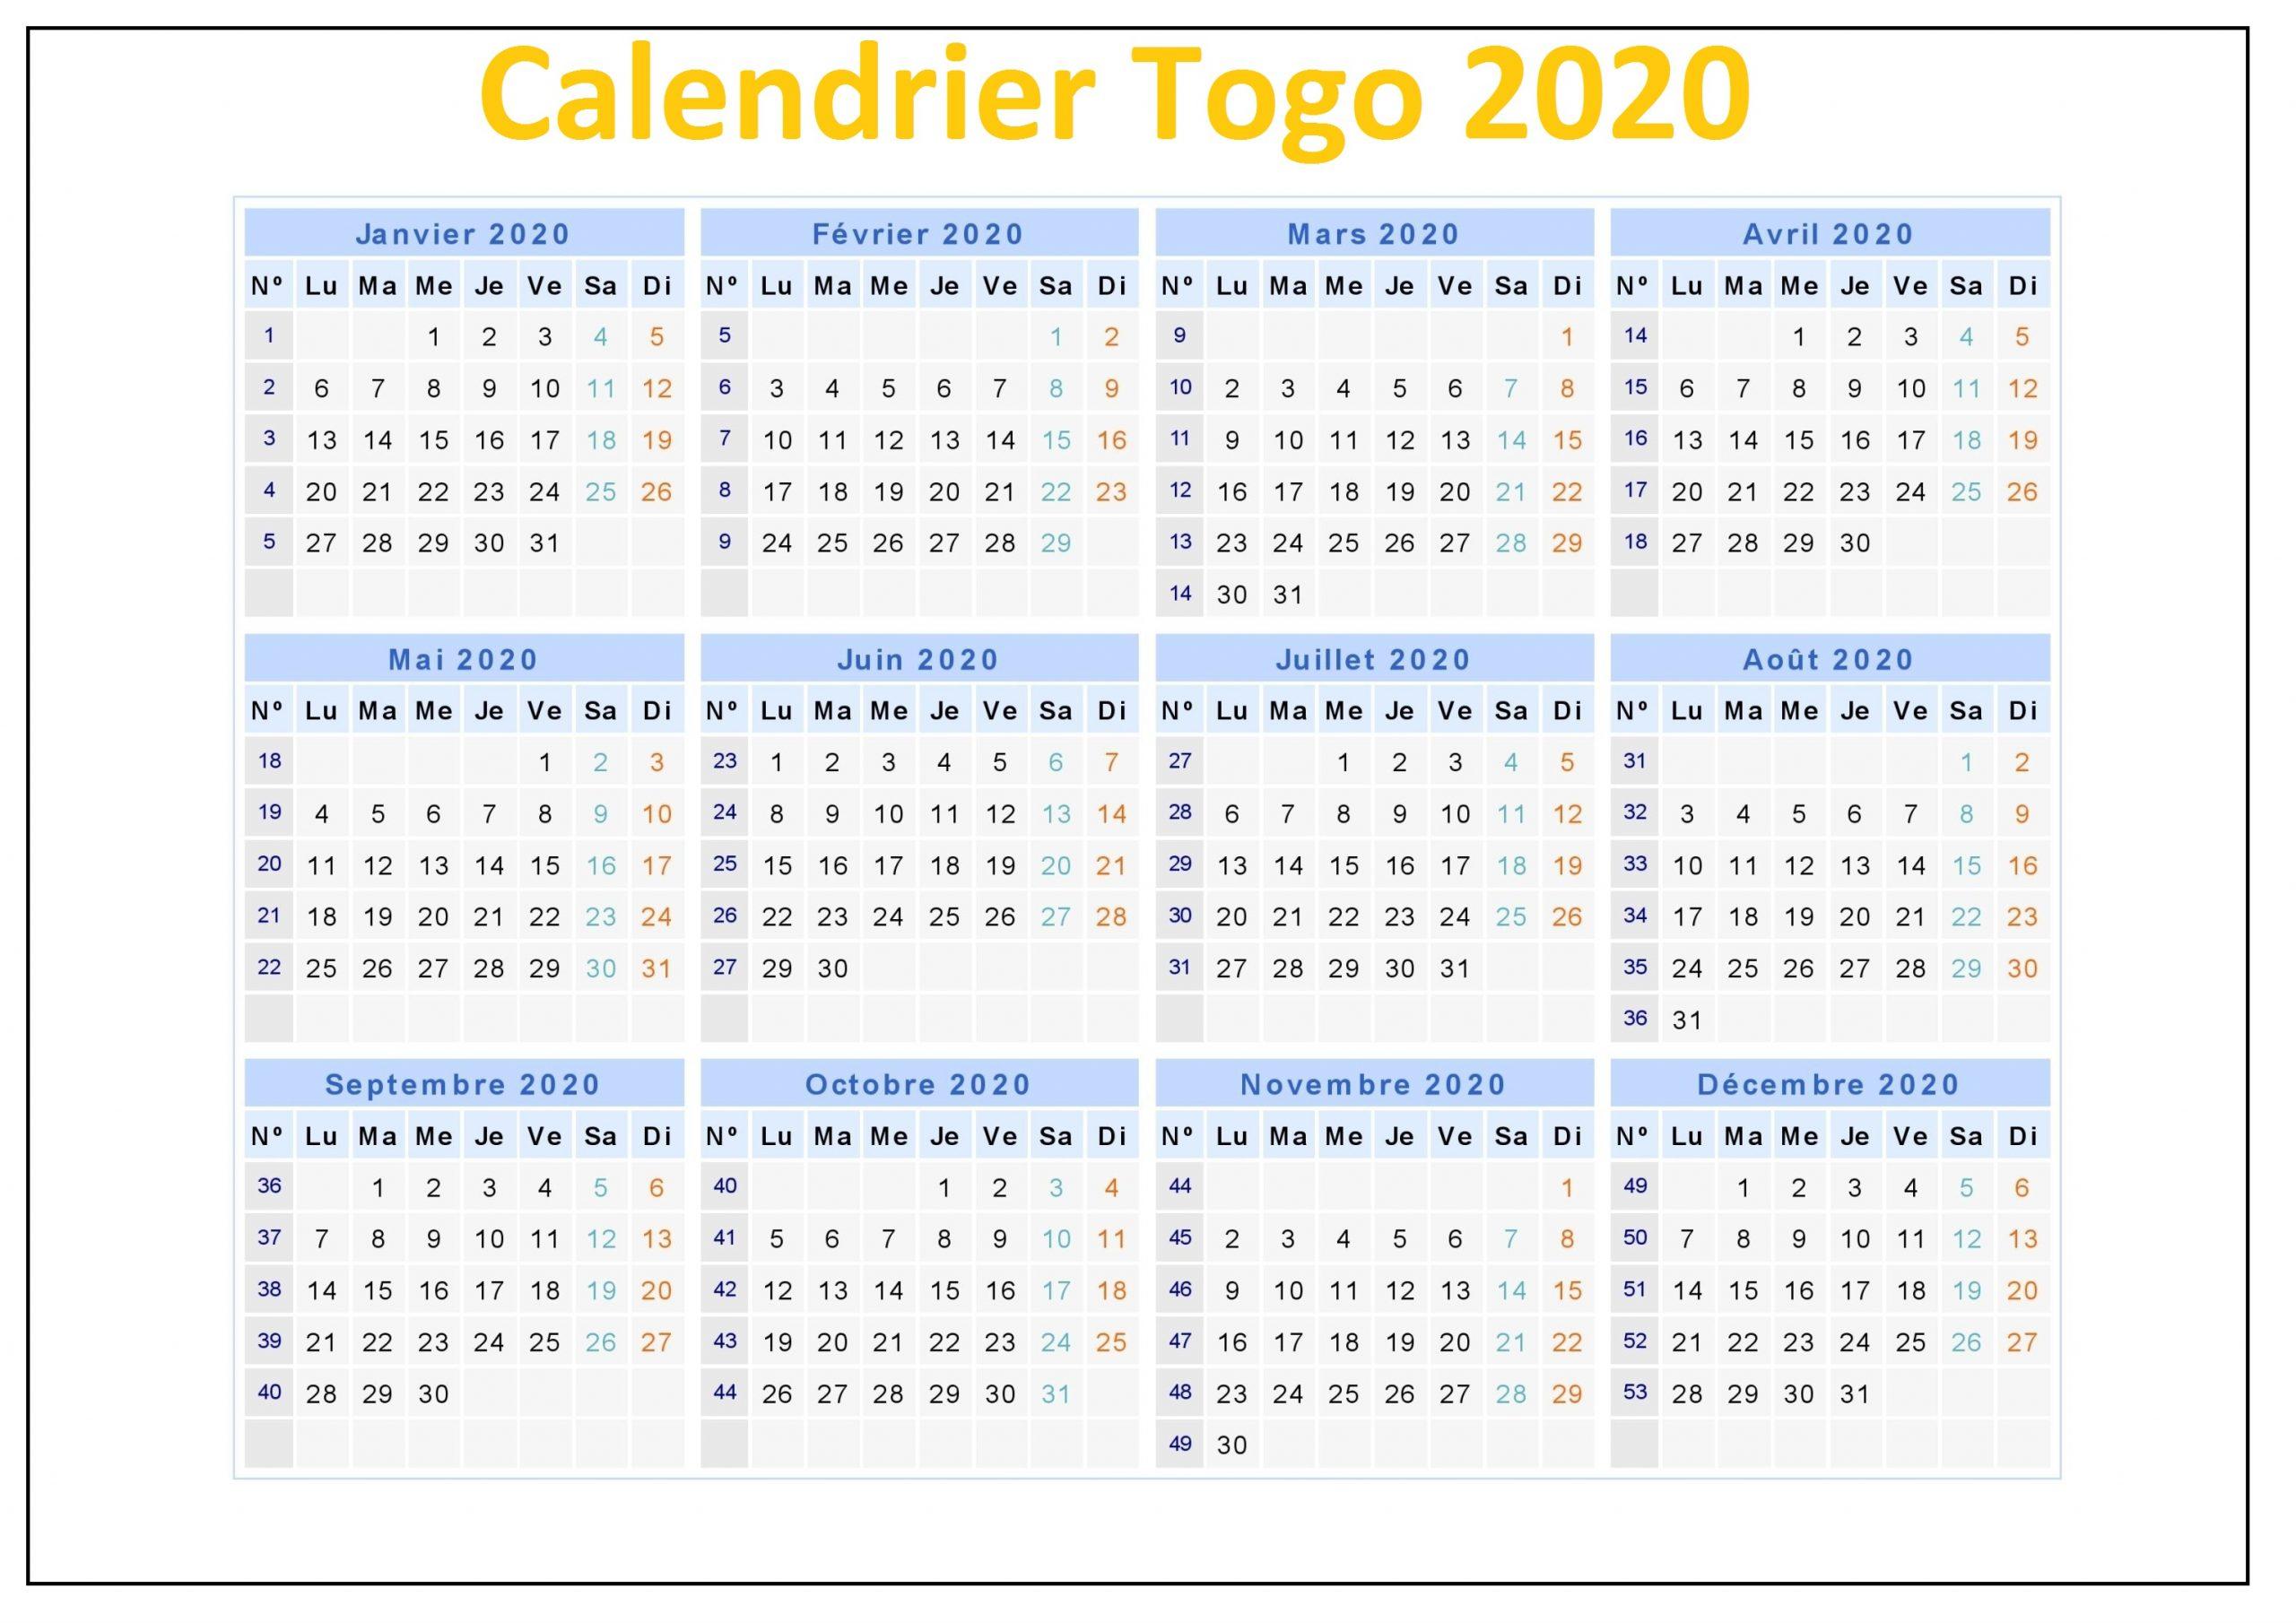 Calendrier Vaccinal Au Togo